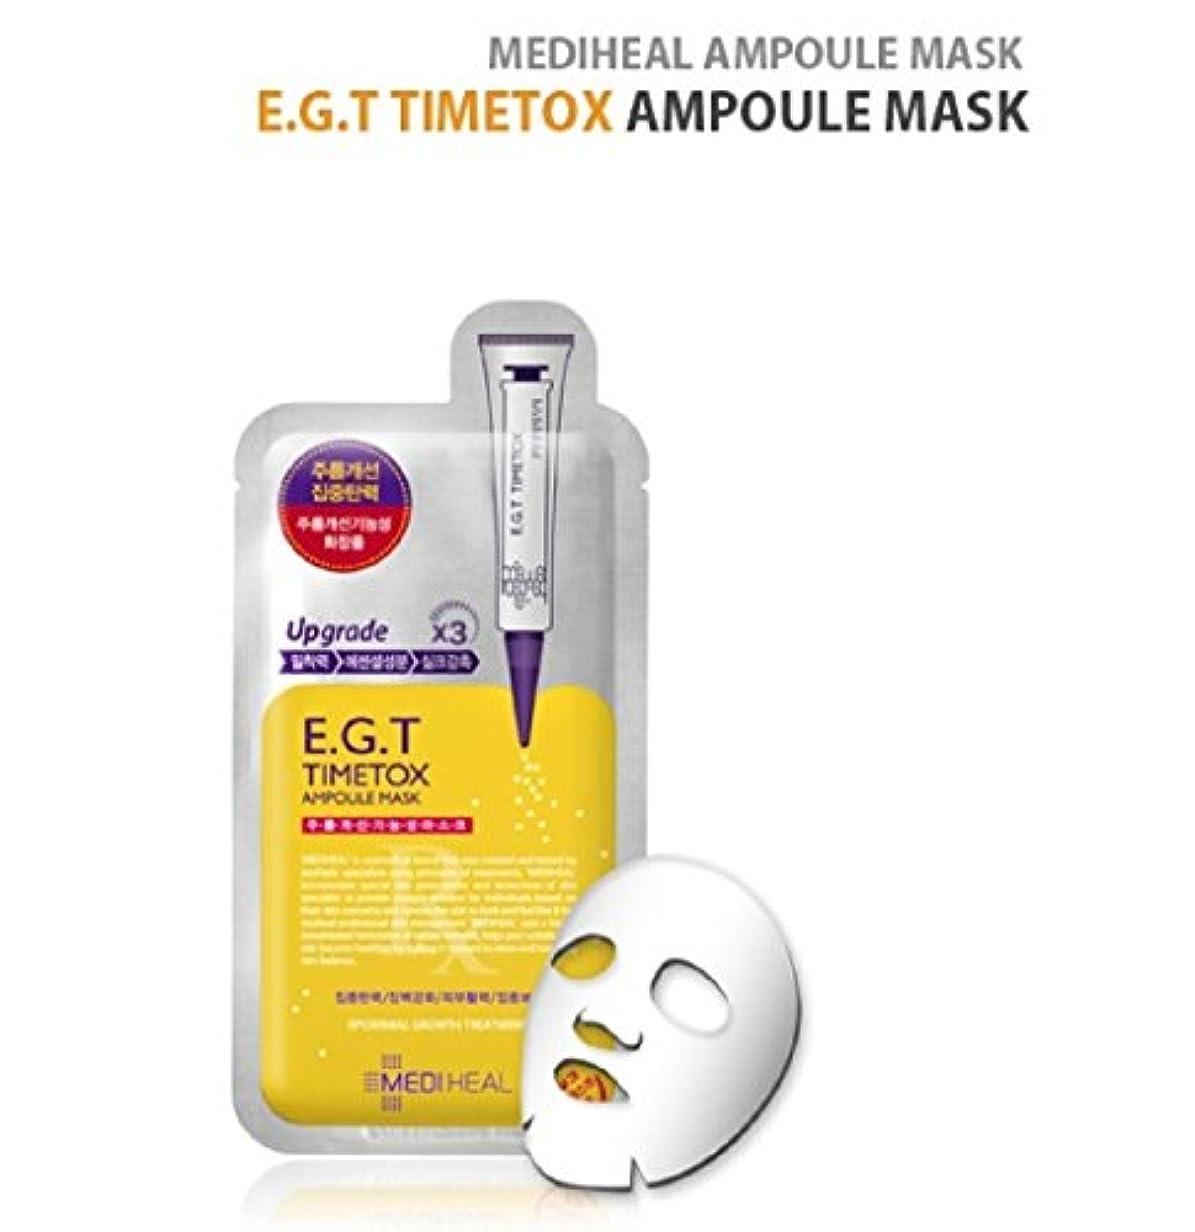 理論広く手当【メディヒール】Timetoxアンプルマスクパック (10枚)5Upgrade MEDIHEAL E.G.T Timetox Ampule Mask Pack REX 10 piece [並行輸入品]